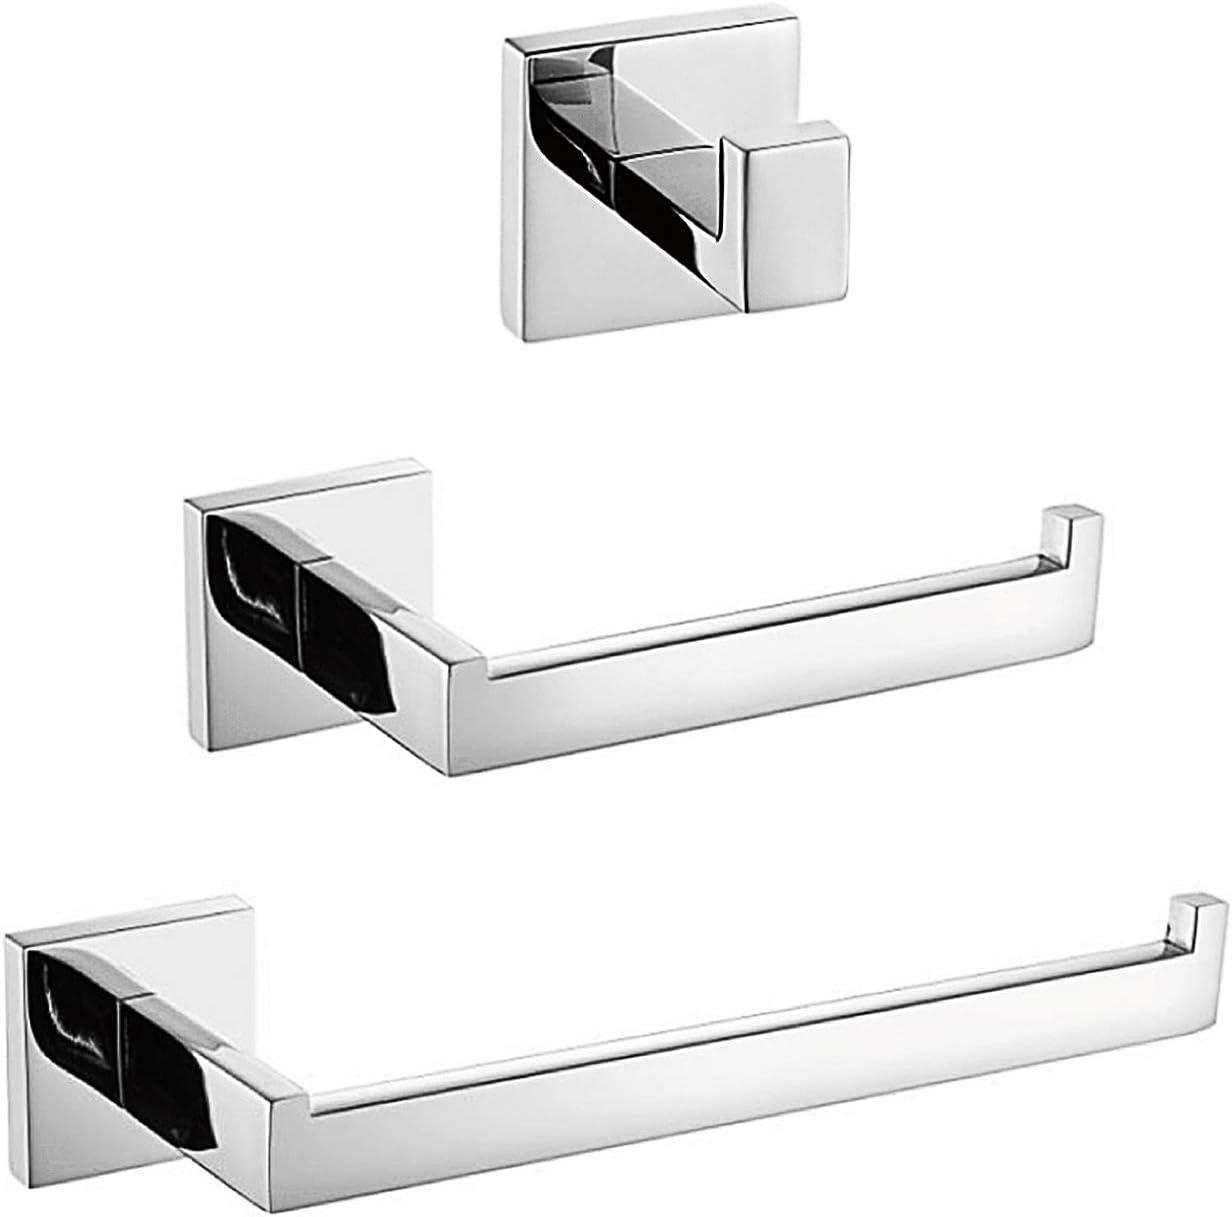 negro mate A7010B Turs 3 piezas de ba/ño accesorio conjunto sus 304 inoxidable acero inodoro soporte de papel toalla bar//soporte albornoz gancho de pared